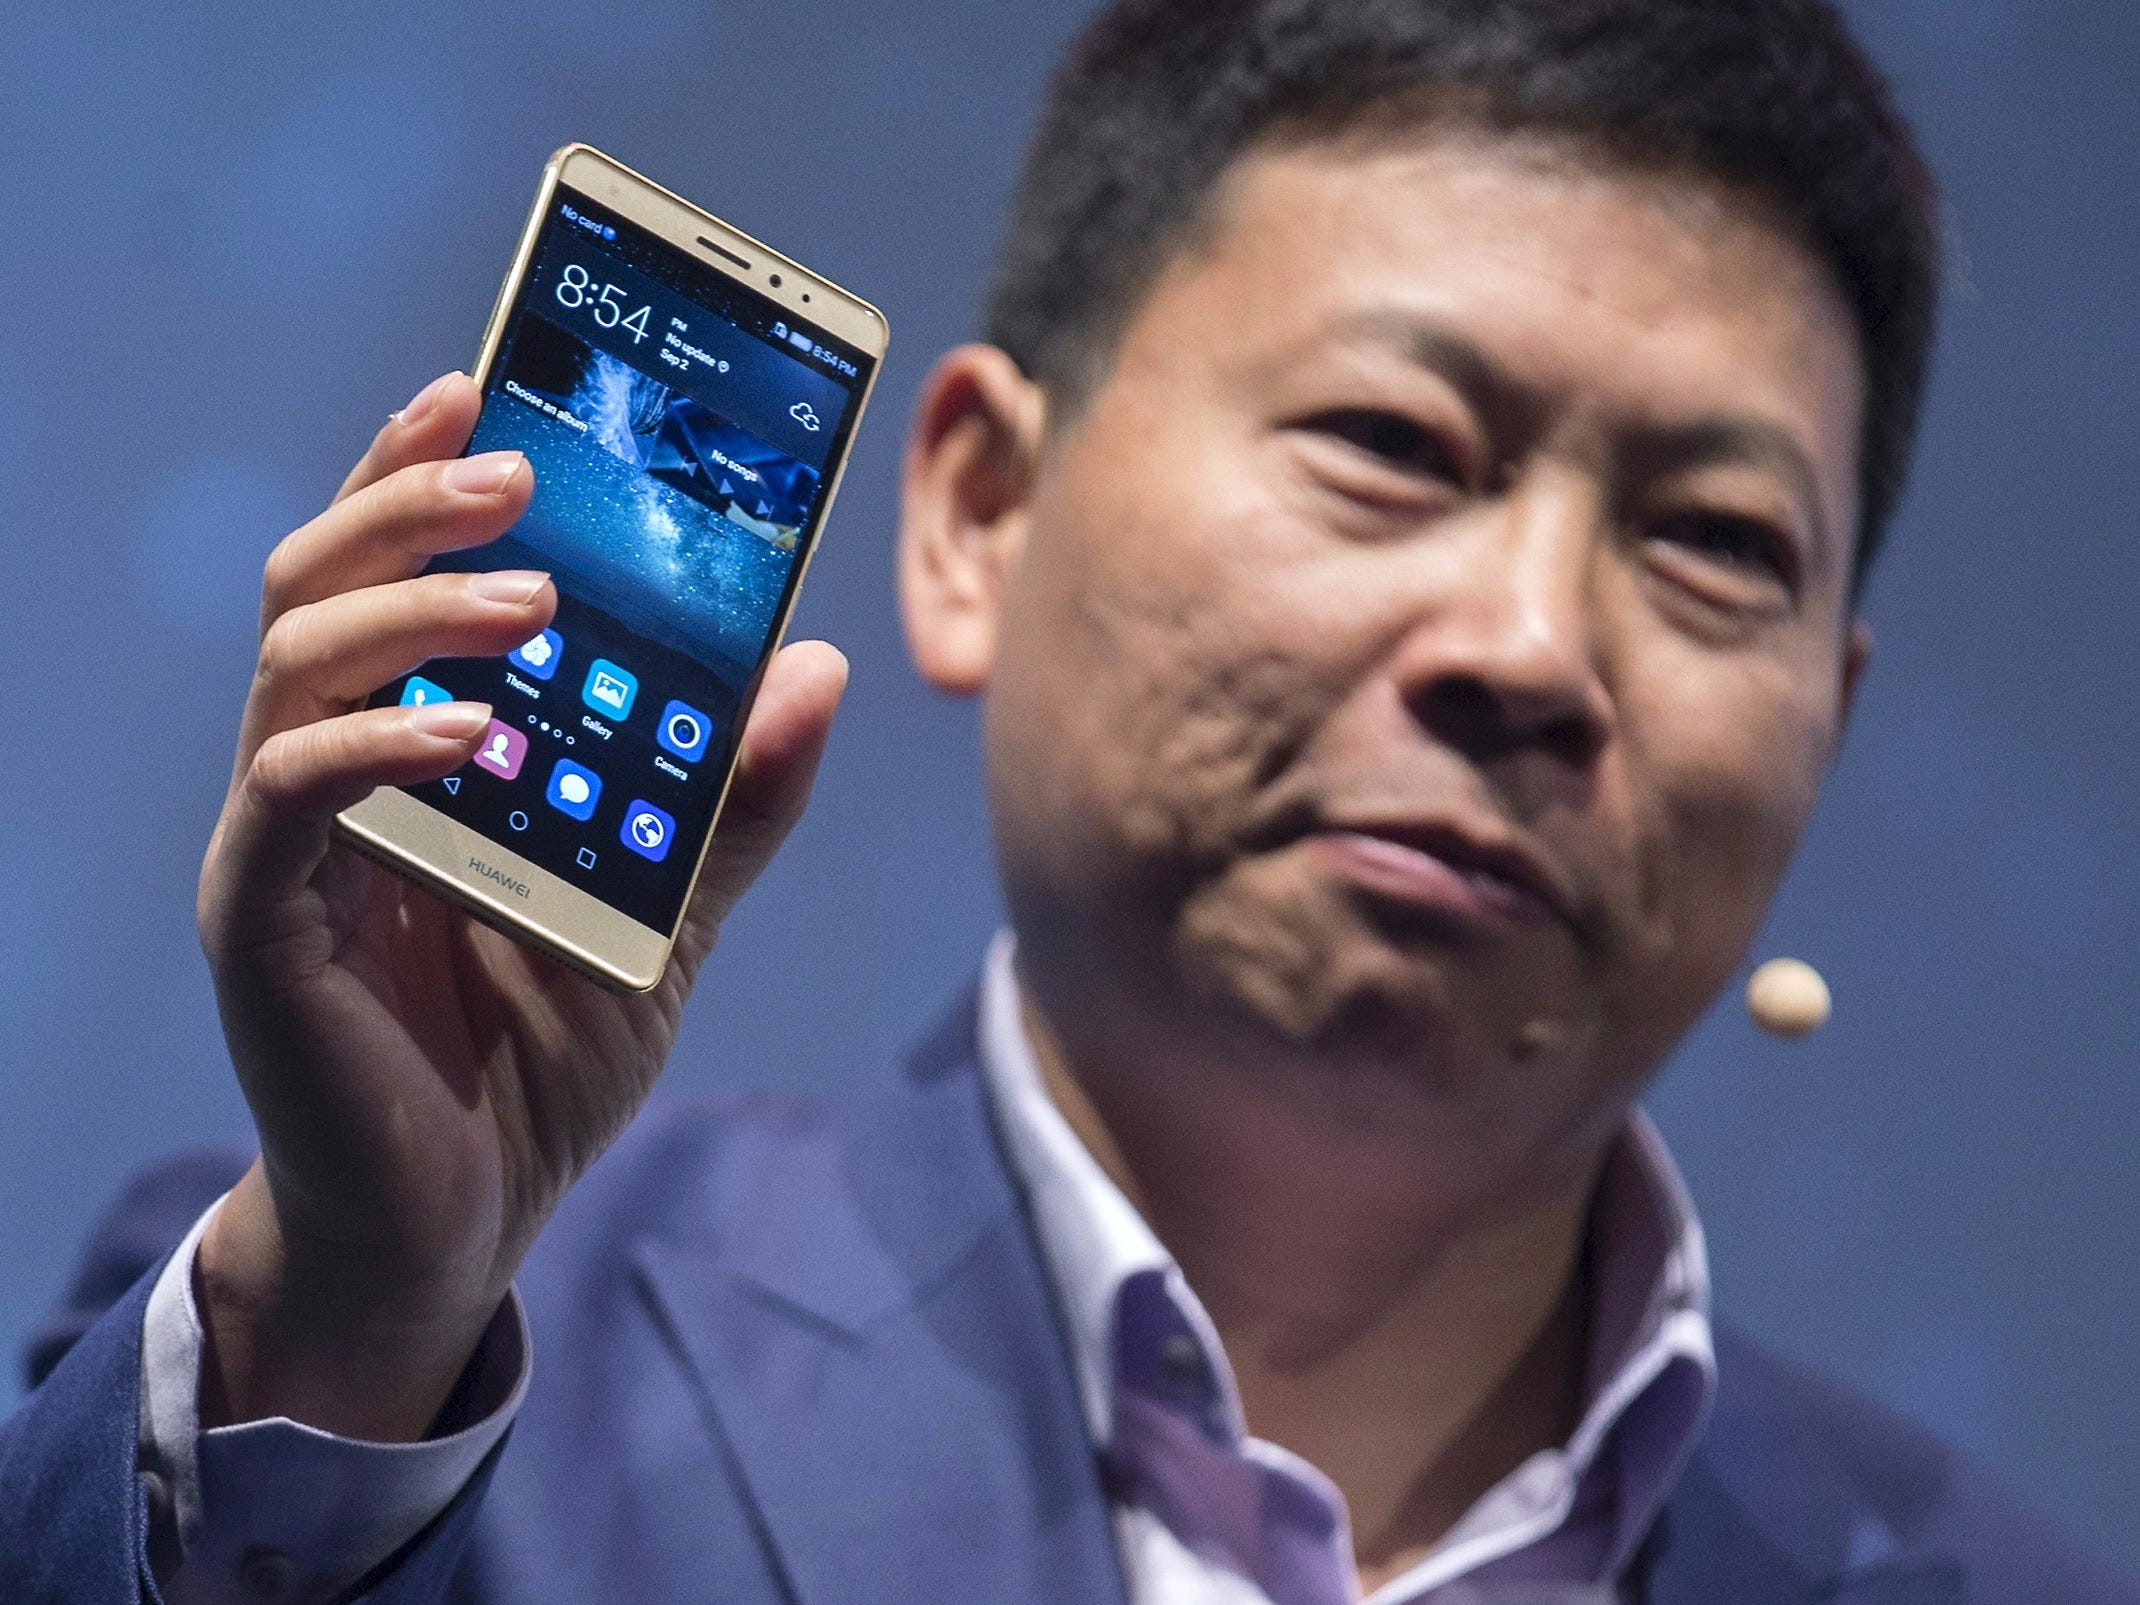 Полный обзор смартфонов huawei nova 7, huawei nova 7 se и huawei nova 7 pro с основными характеристиками, достоинствами и недостатками